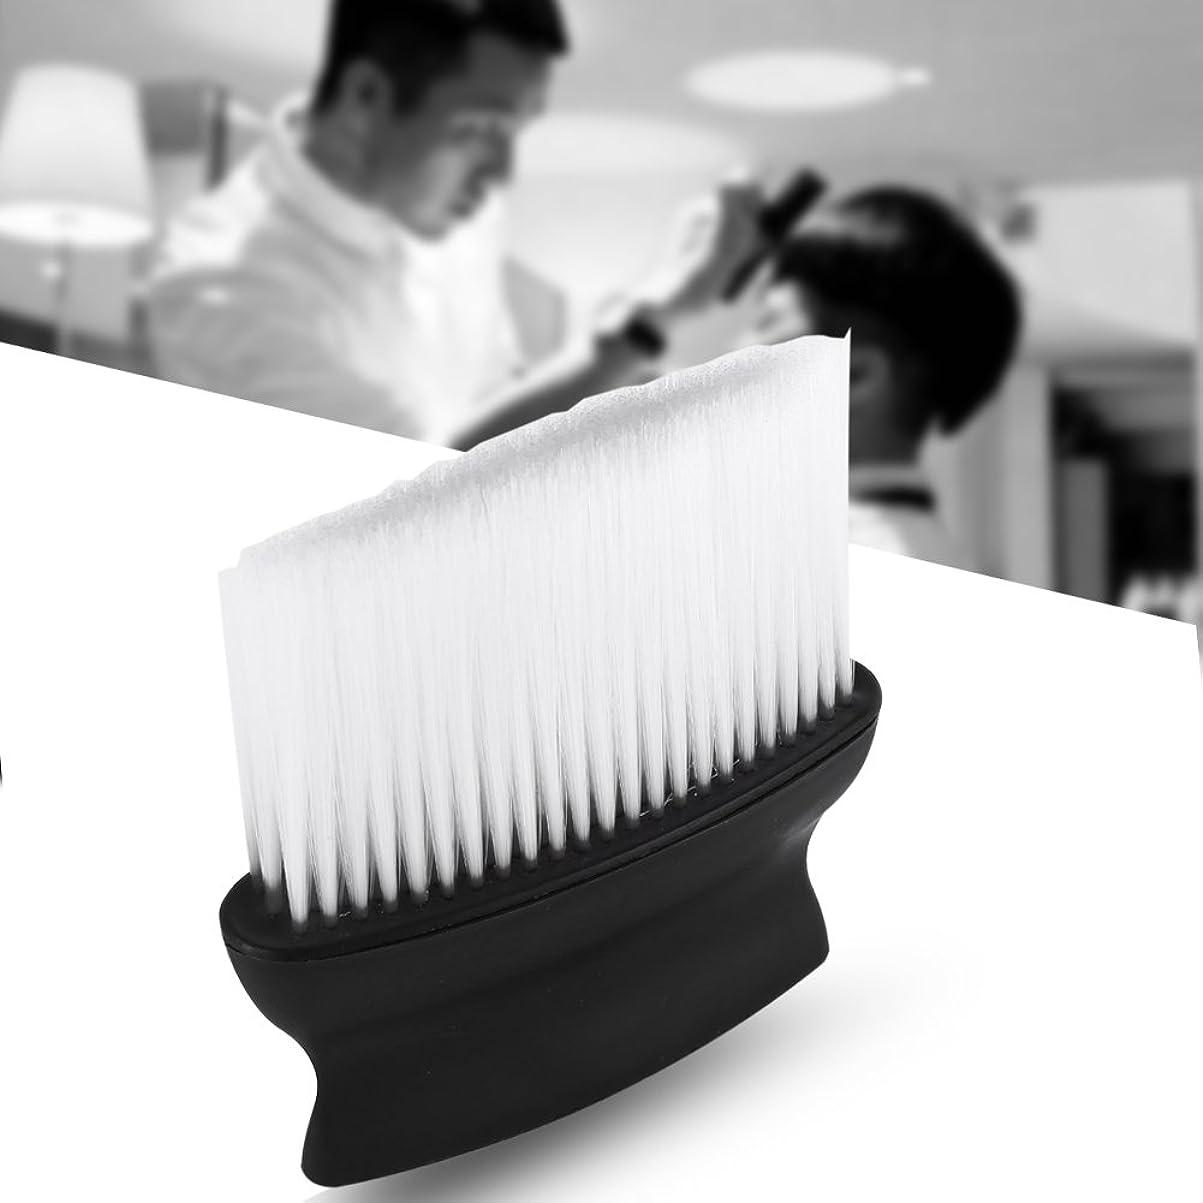 ますます繊維フルートヘアブラシ 毛払いブラシ 散髪 髪切り 散髪用ツール 床屋 理髪店 美容院 ソフトブラシ ナイロン